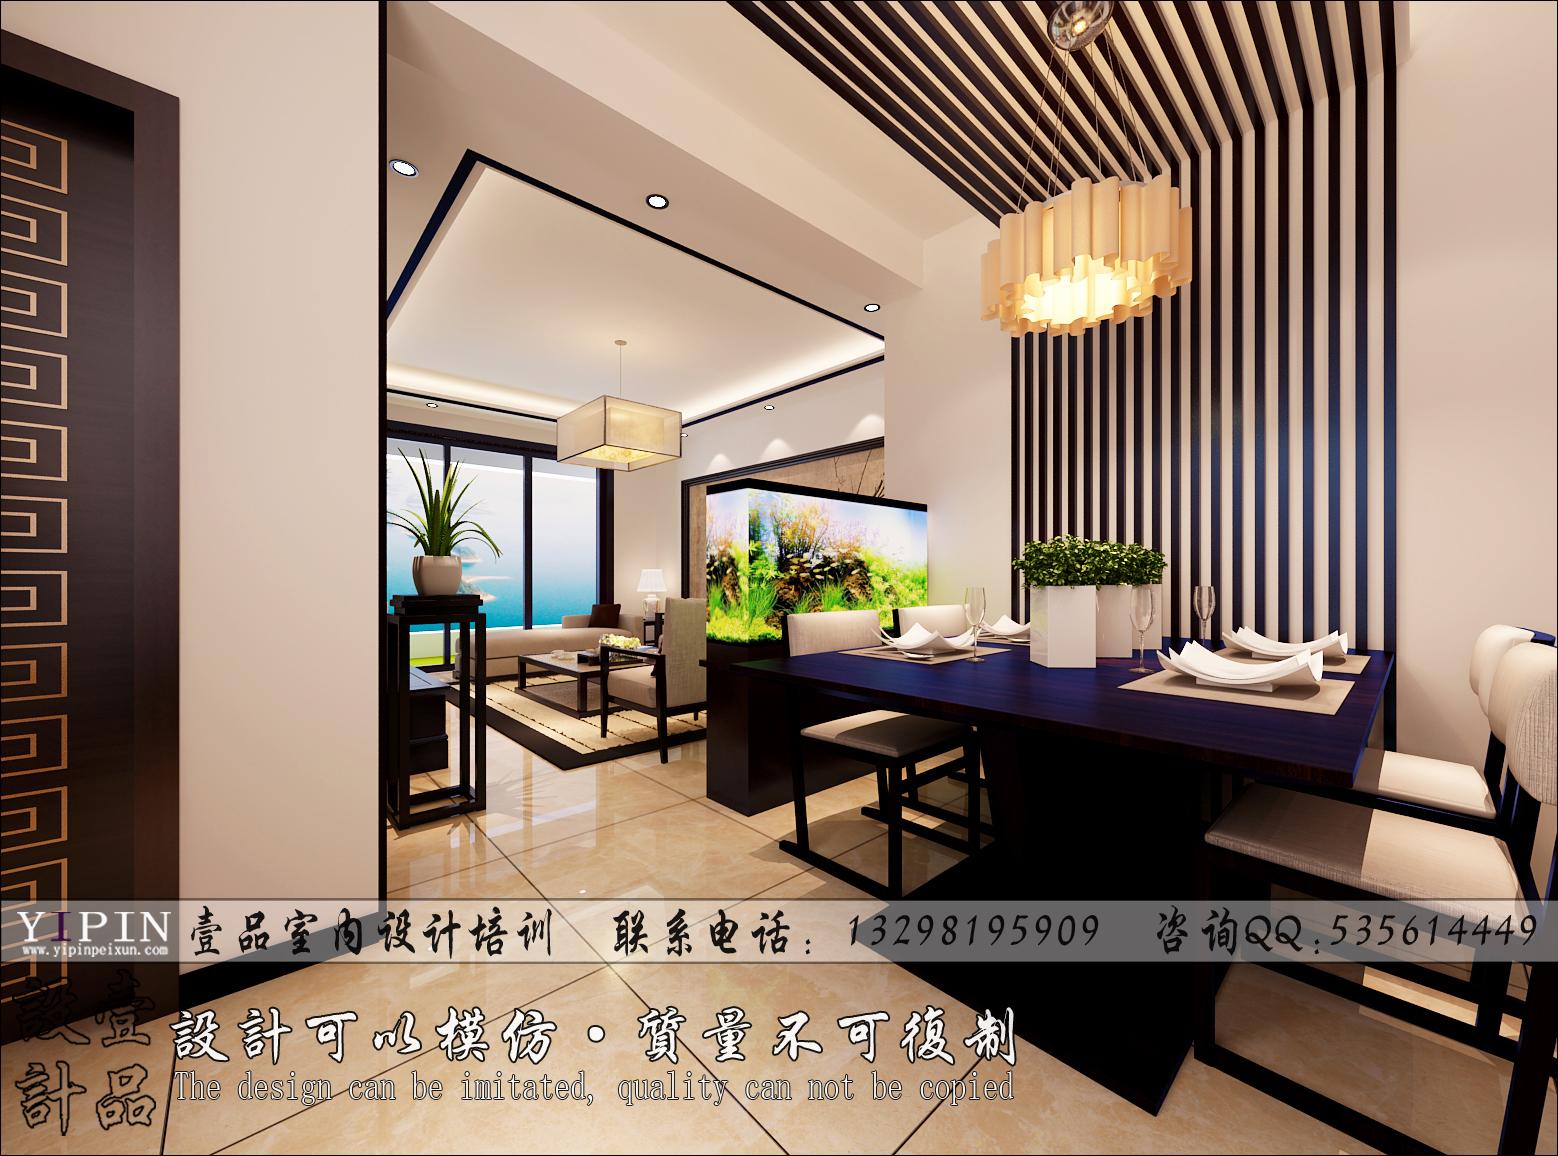 郑州室内设计培训,郑州市哪里有室内设计培训班,郑州室内设计培训机构